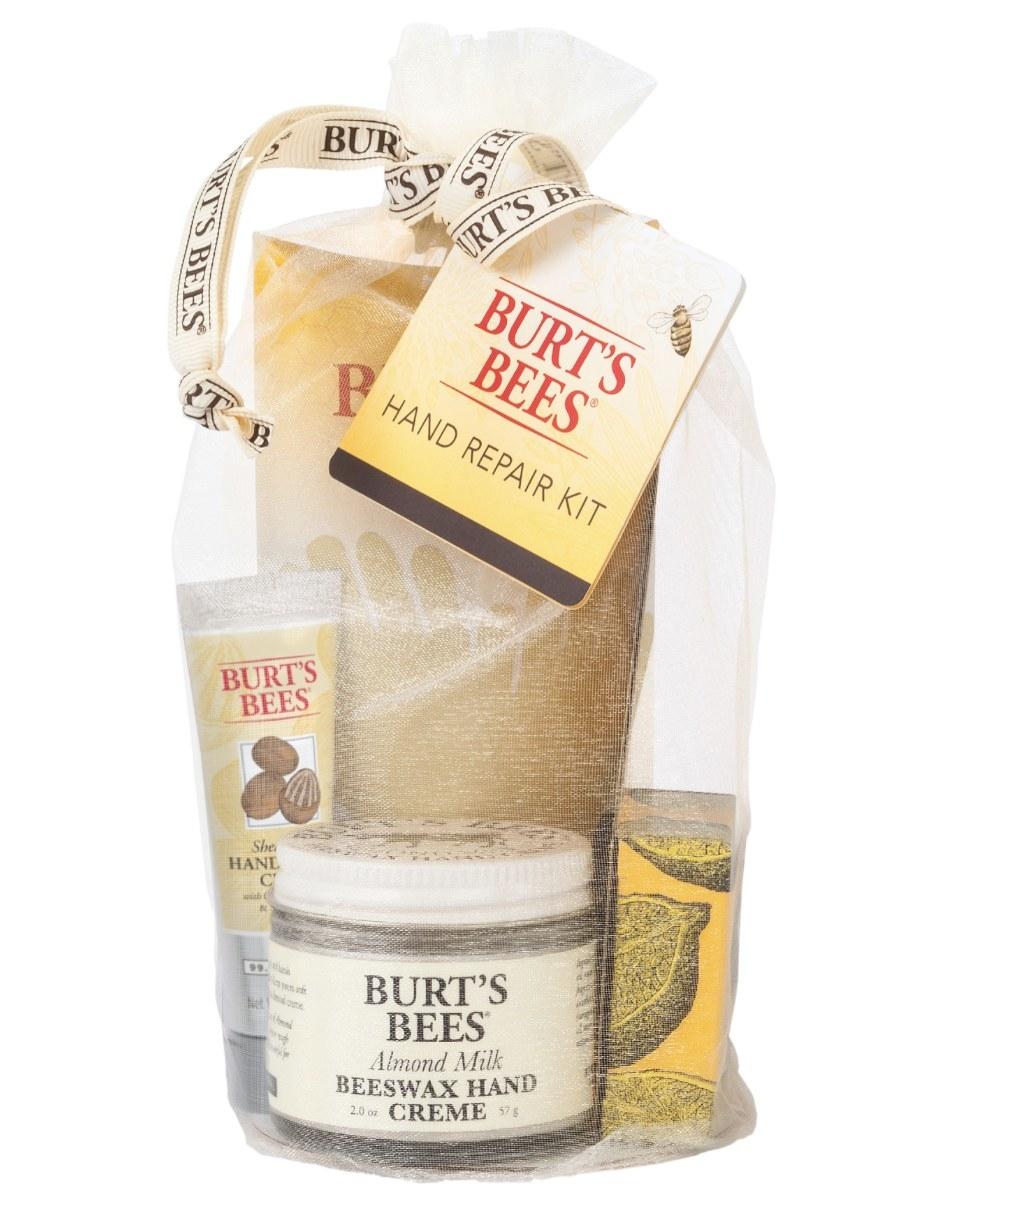 The Burt's Bees gift set